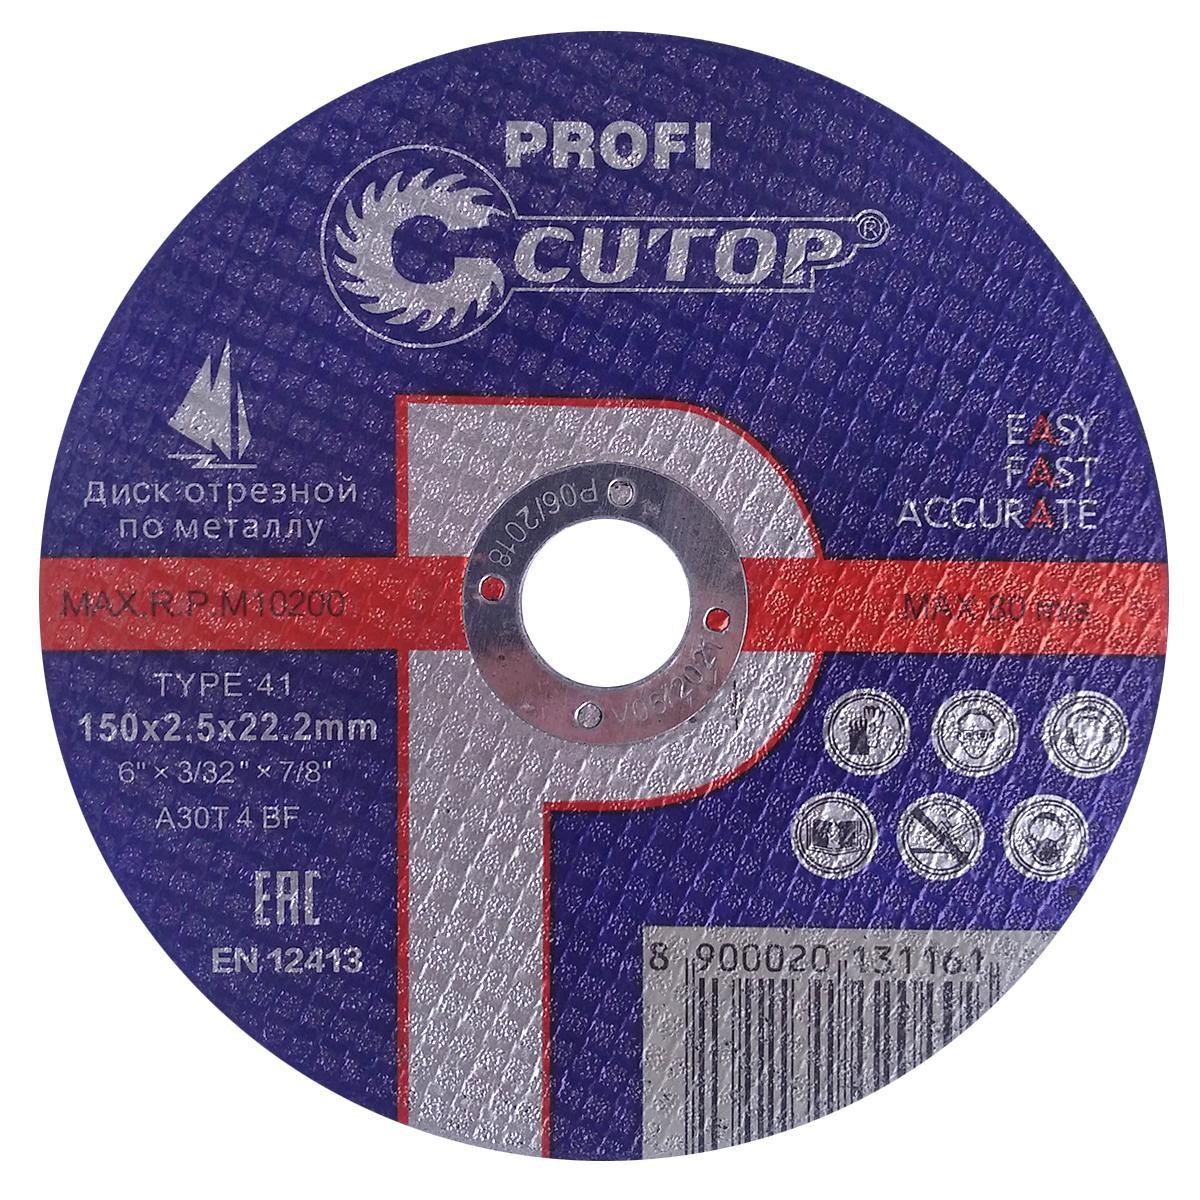 Круг отрезной Cutop 39986т диск отрезной алмазный турбо 230x22 2 мм cutop 61 23030